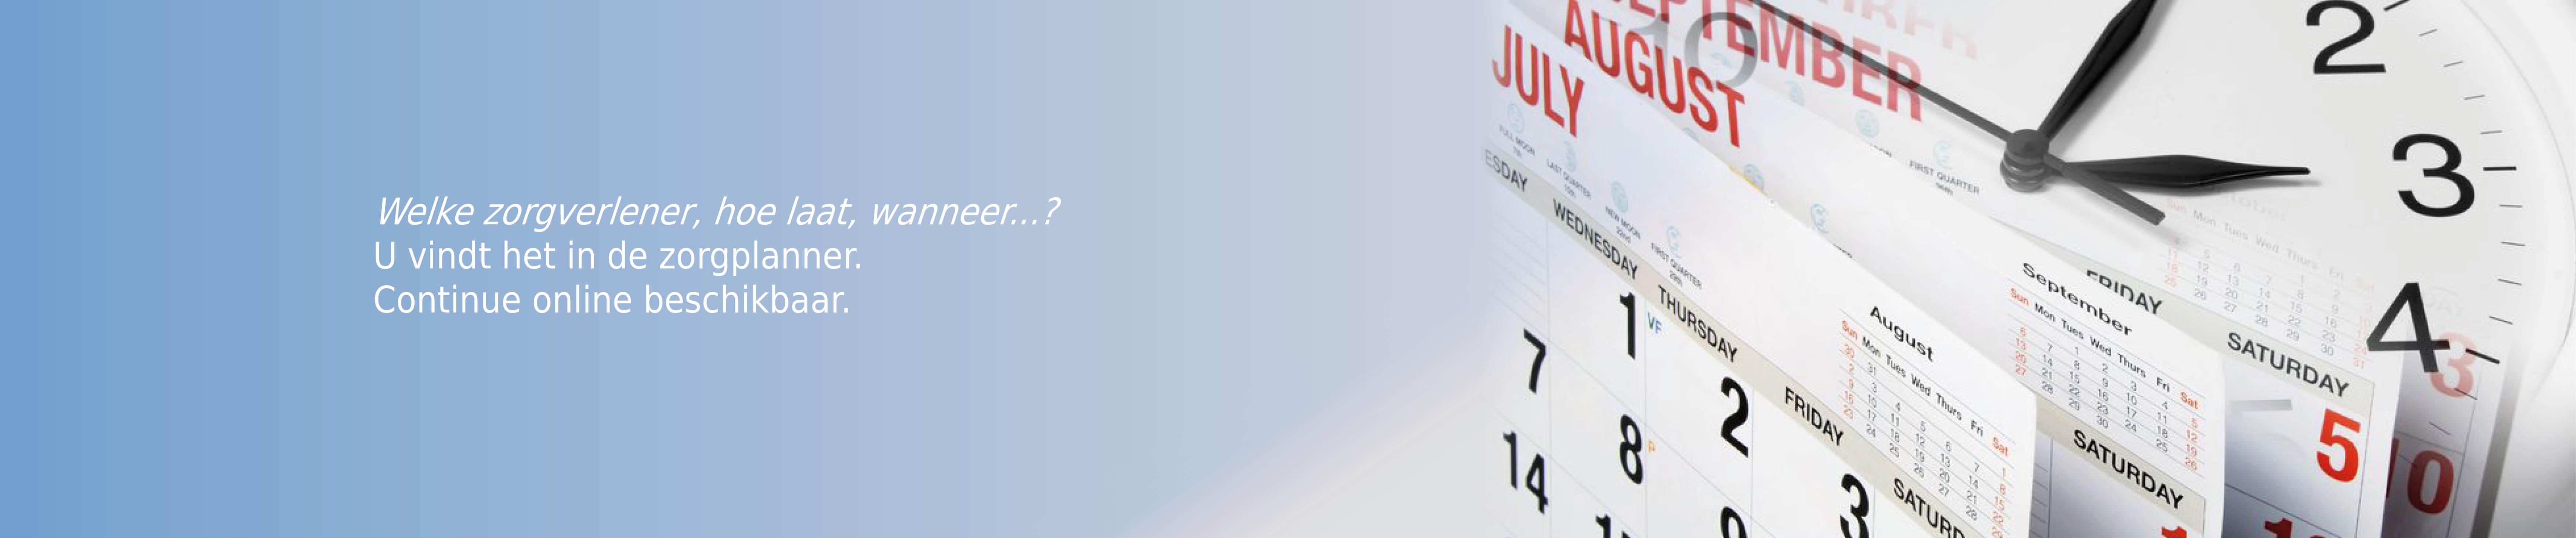 Zorgservice Brabant website verbeteringen2